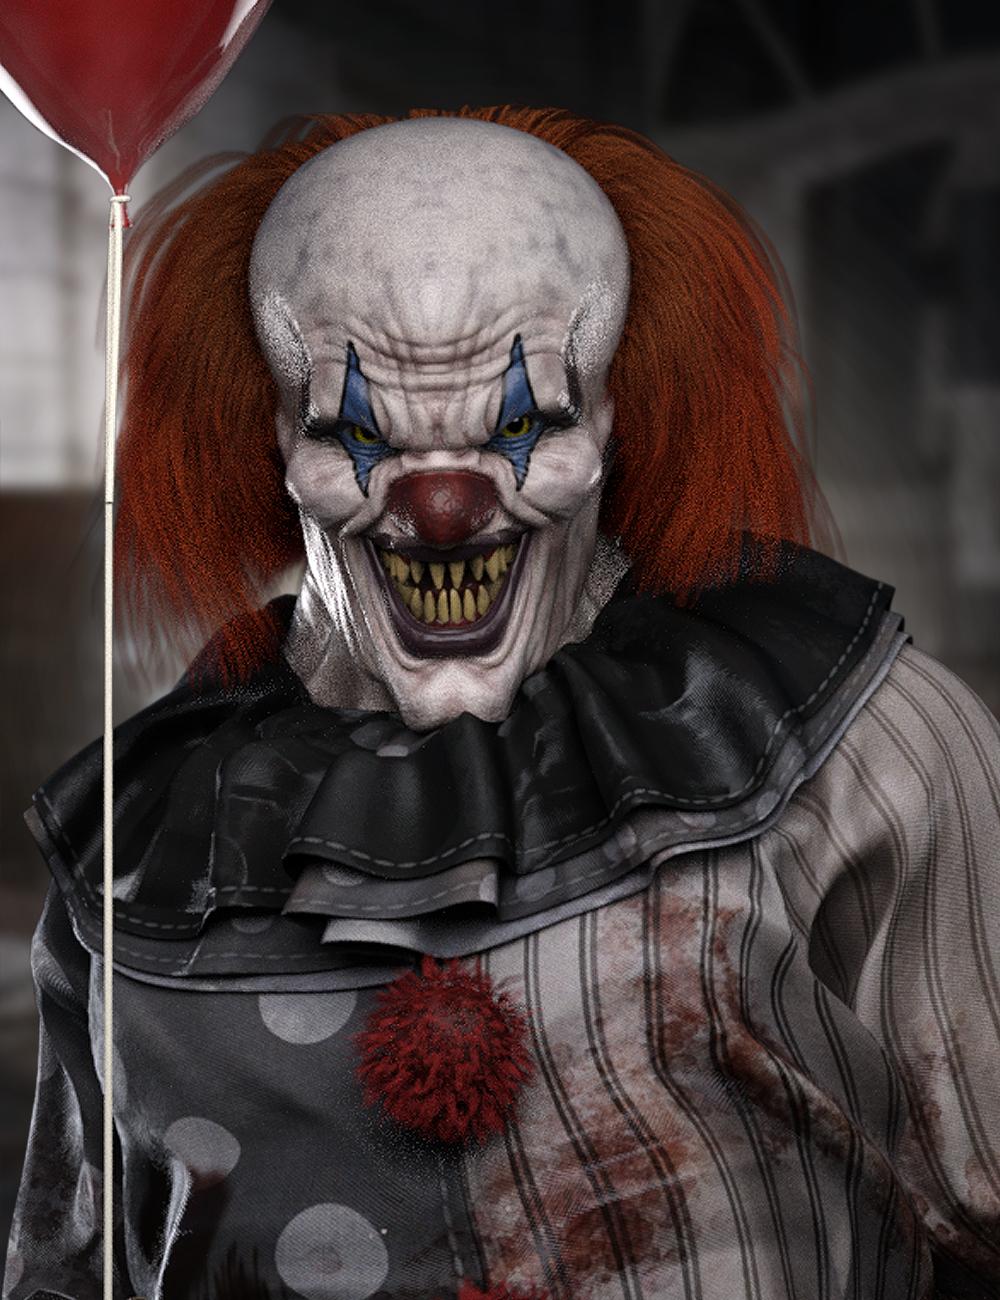 Evil Clown HD for Genesis 8 Male by: , 3D Models by Daz 3D